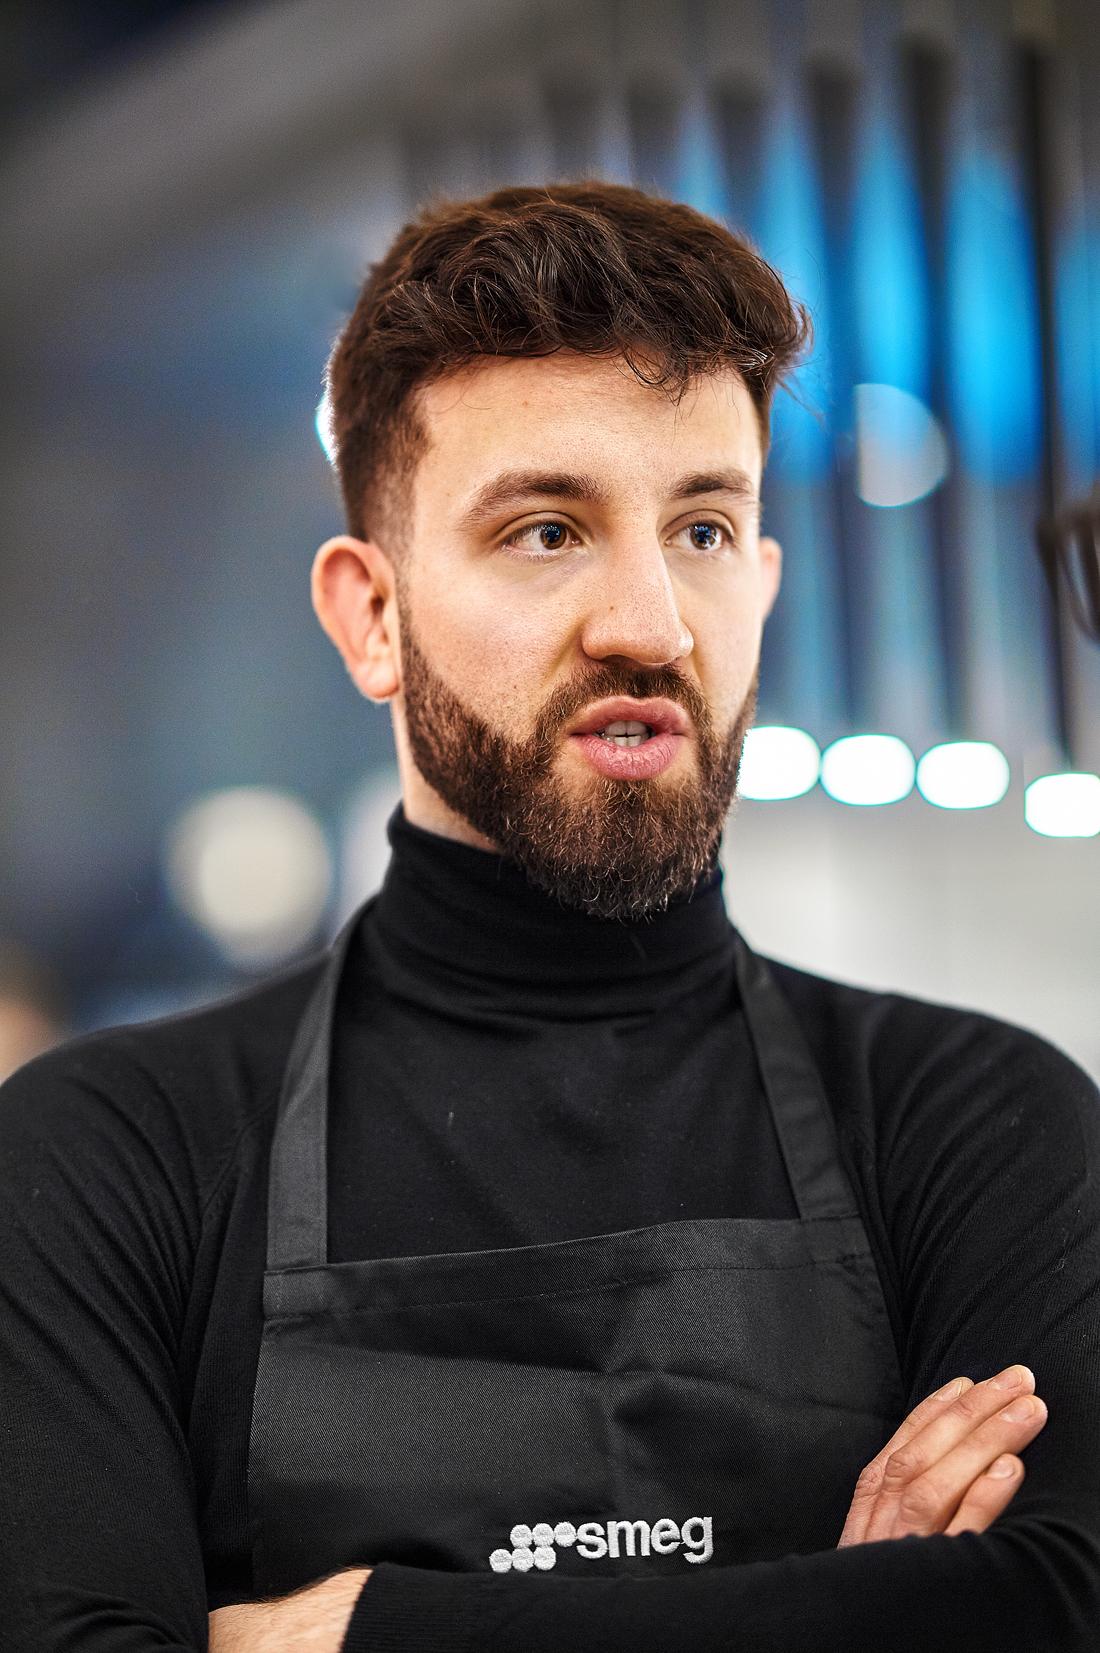 Łukasz Kawaller, chef, cook, event, catering, Katowice, Warszawa, Justyna Pankowska, fotograf, studio meksyk, gotowanie, na żywo, pysznie, smeg, maxfliz, .jpg